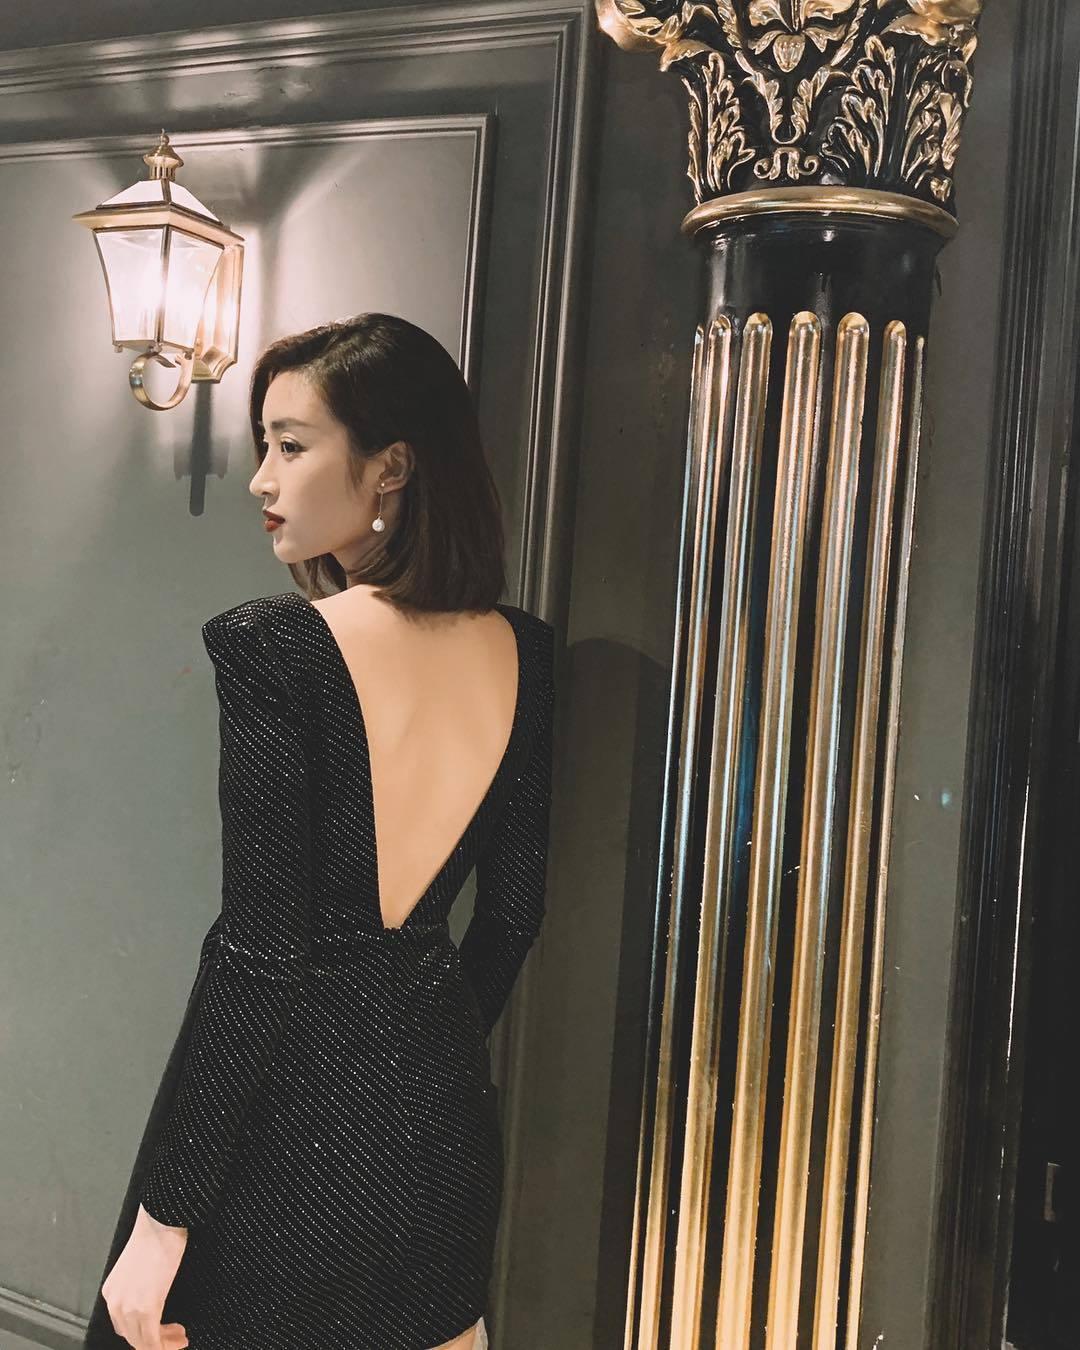 Hoa hậu Đỗ Mỹ Linh diện váy khoét lưng quyến rũ, thả dáng để lộ góc nghiêng thần thánh. Cô nói lời chào tạm biệt với năm 2018 và ước rằng điều gì tốt đẹp ở năm 2018 sẽ được giữ mãi ở năm 2019.